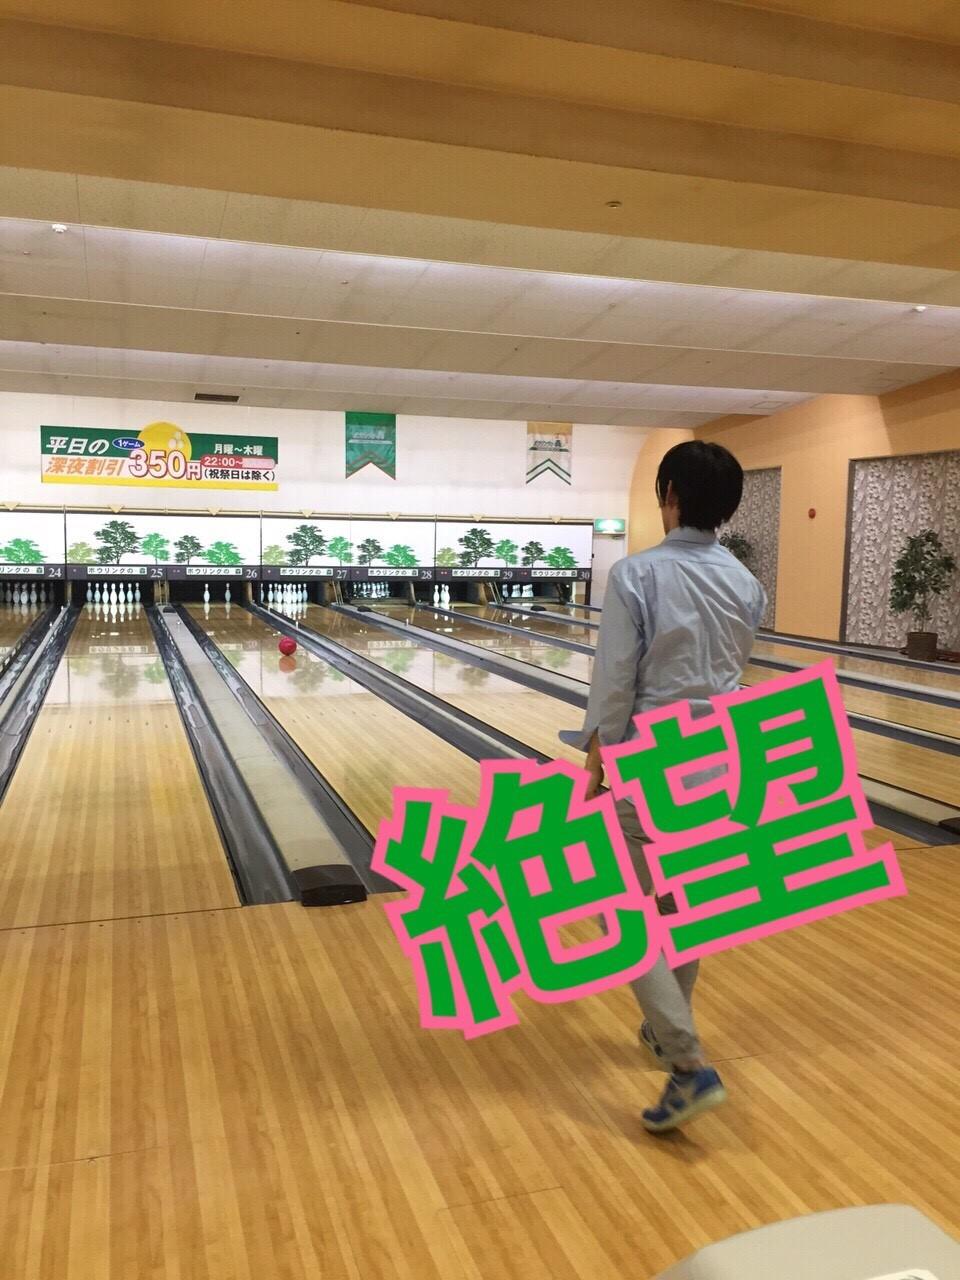 2015年第2回やまP杯ボーリング大会_c0150273_3324233.jpg